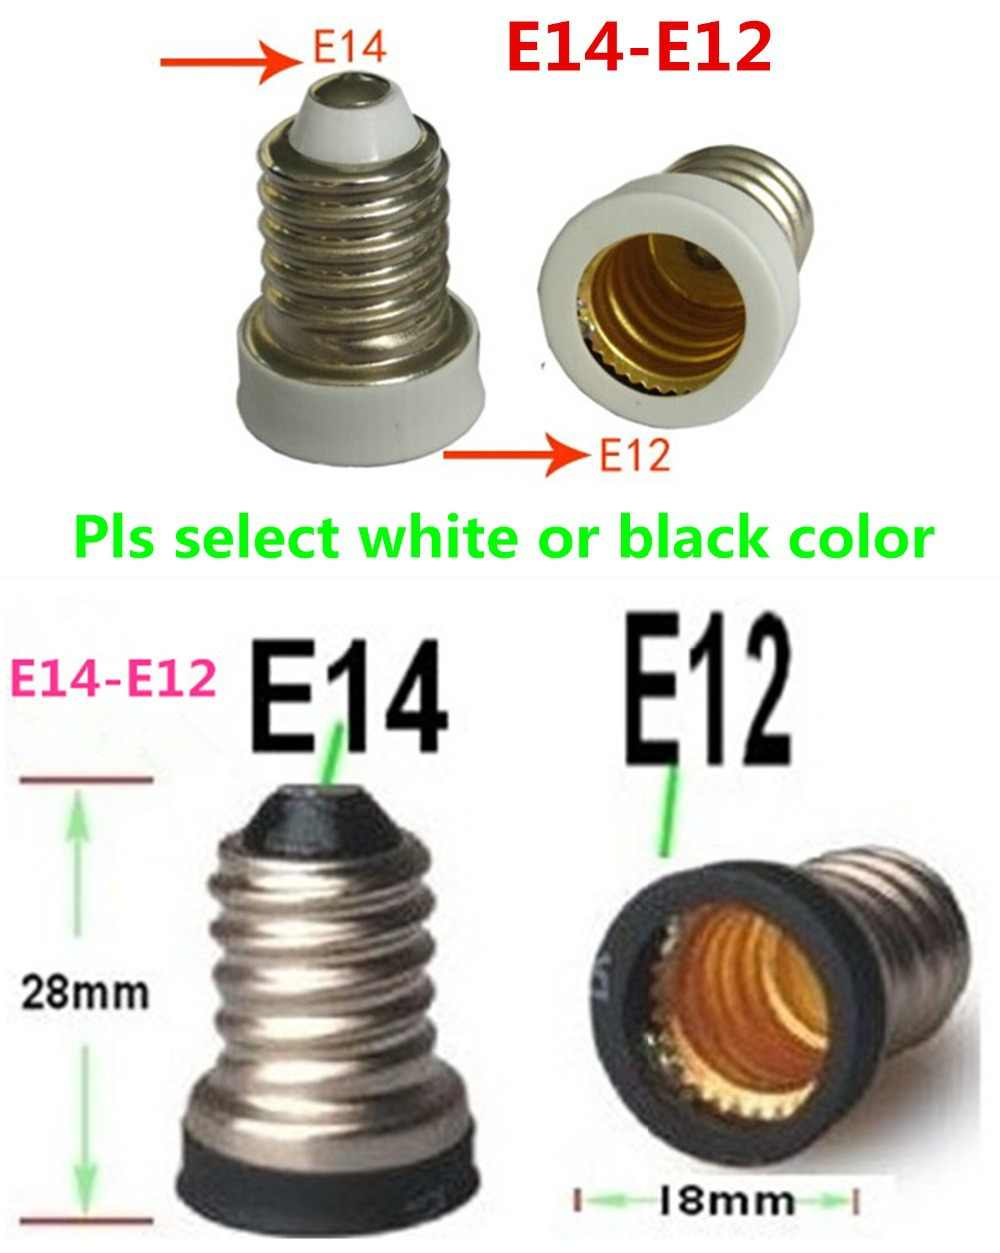 2000pcs E14 to E12 LED screw socket adapter Led Light Lamp holder E14-E12 edison screw socket Bulb base converter Free Shipping